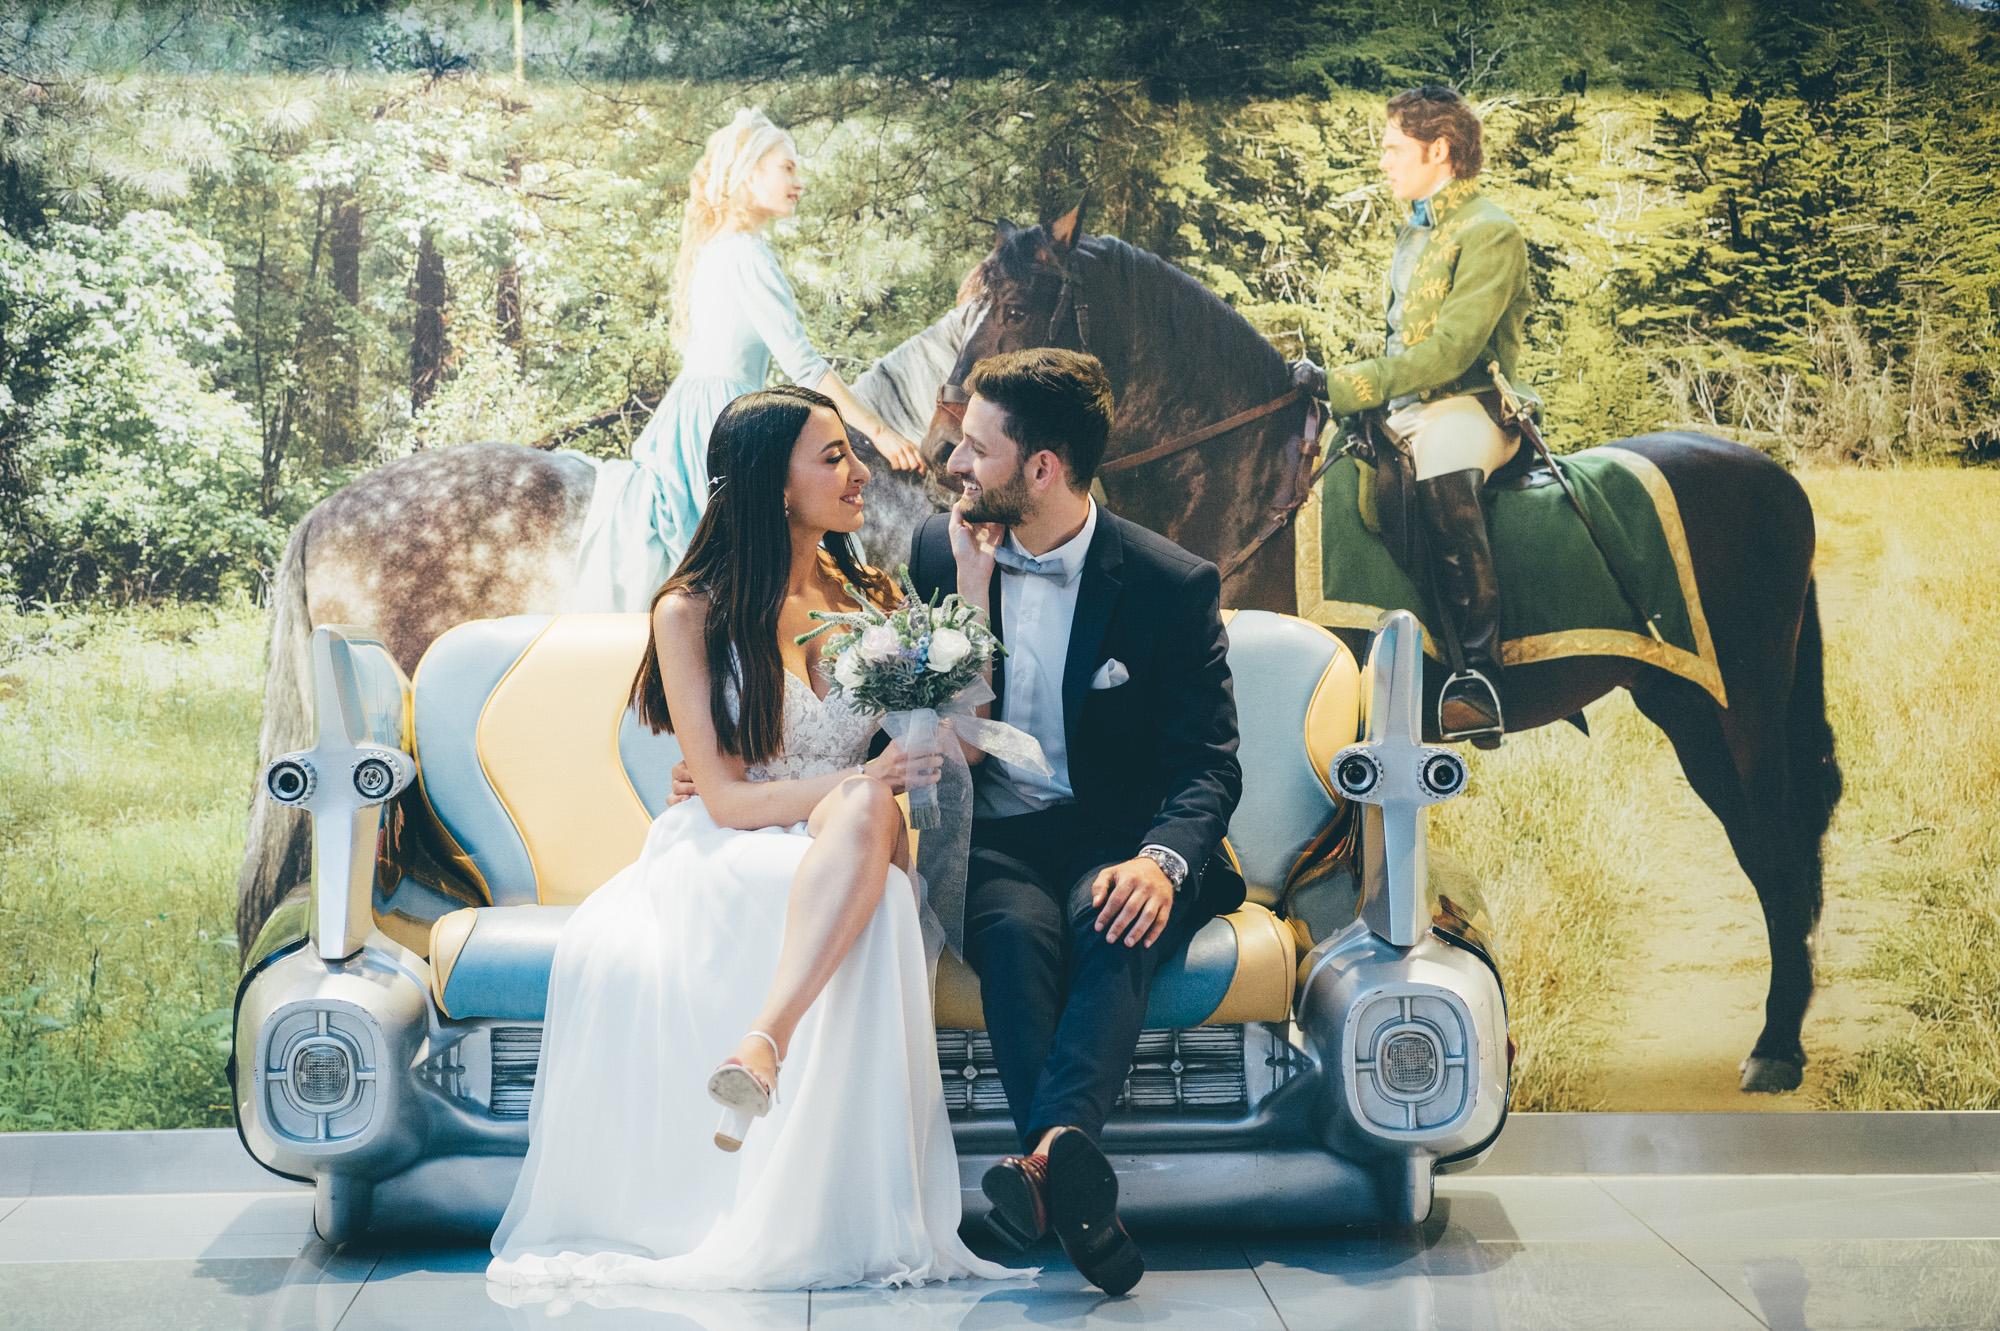 Wedding photos by - Asaf Kliger-39.jpg